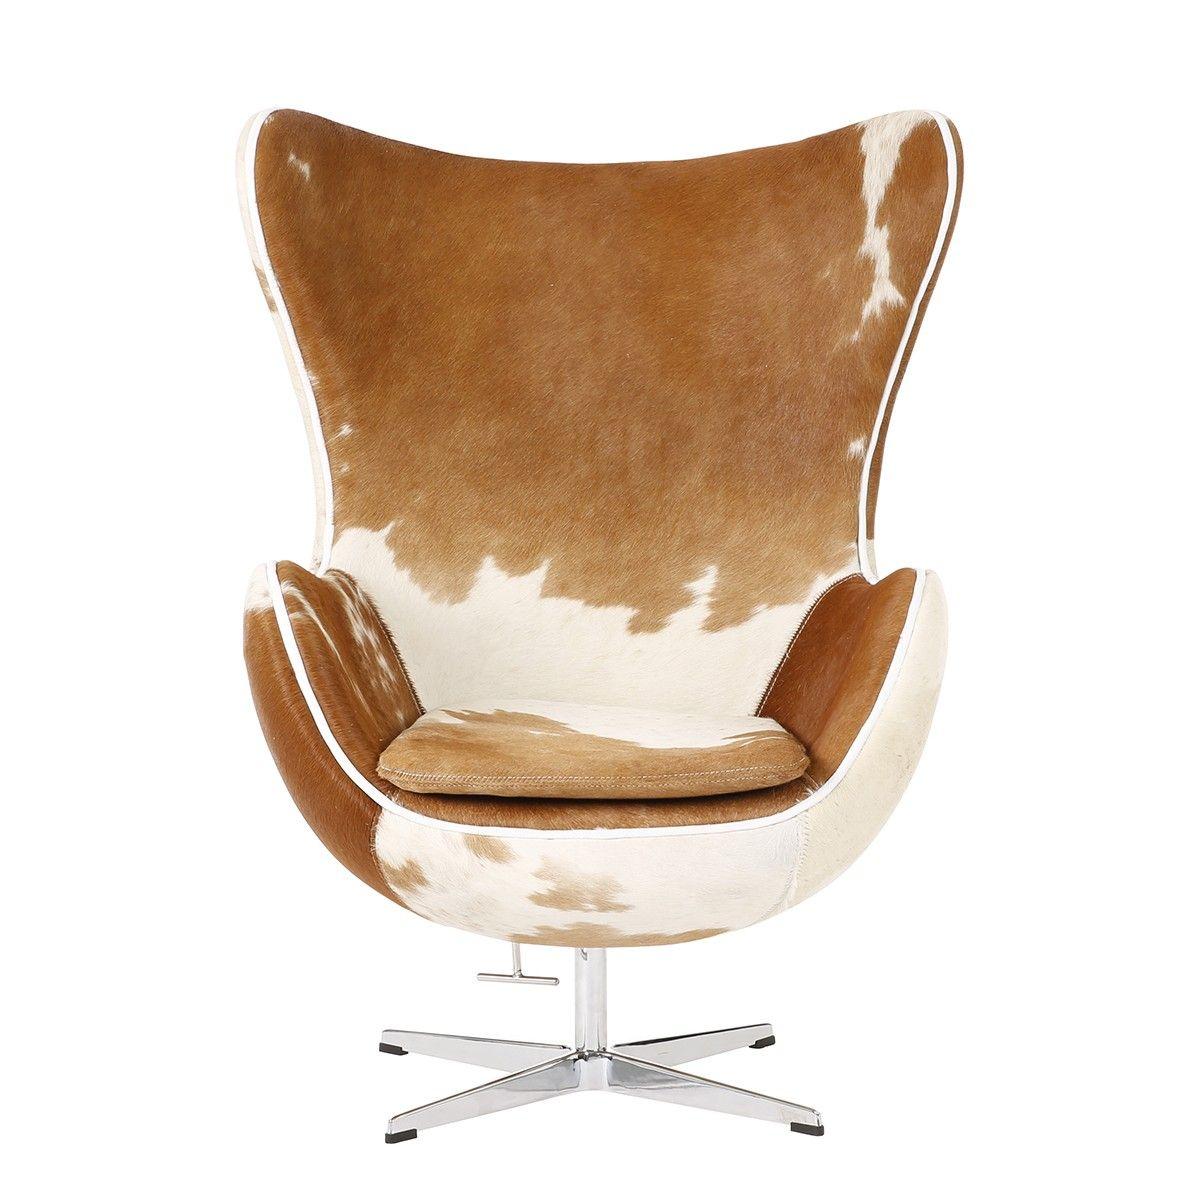 Classics designers arne jacobsen egg chair replica in cowhide - Arne Jacobsen Egg Chair In Light Gray Fabric Wellhouzz